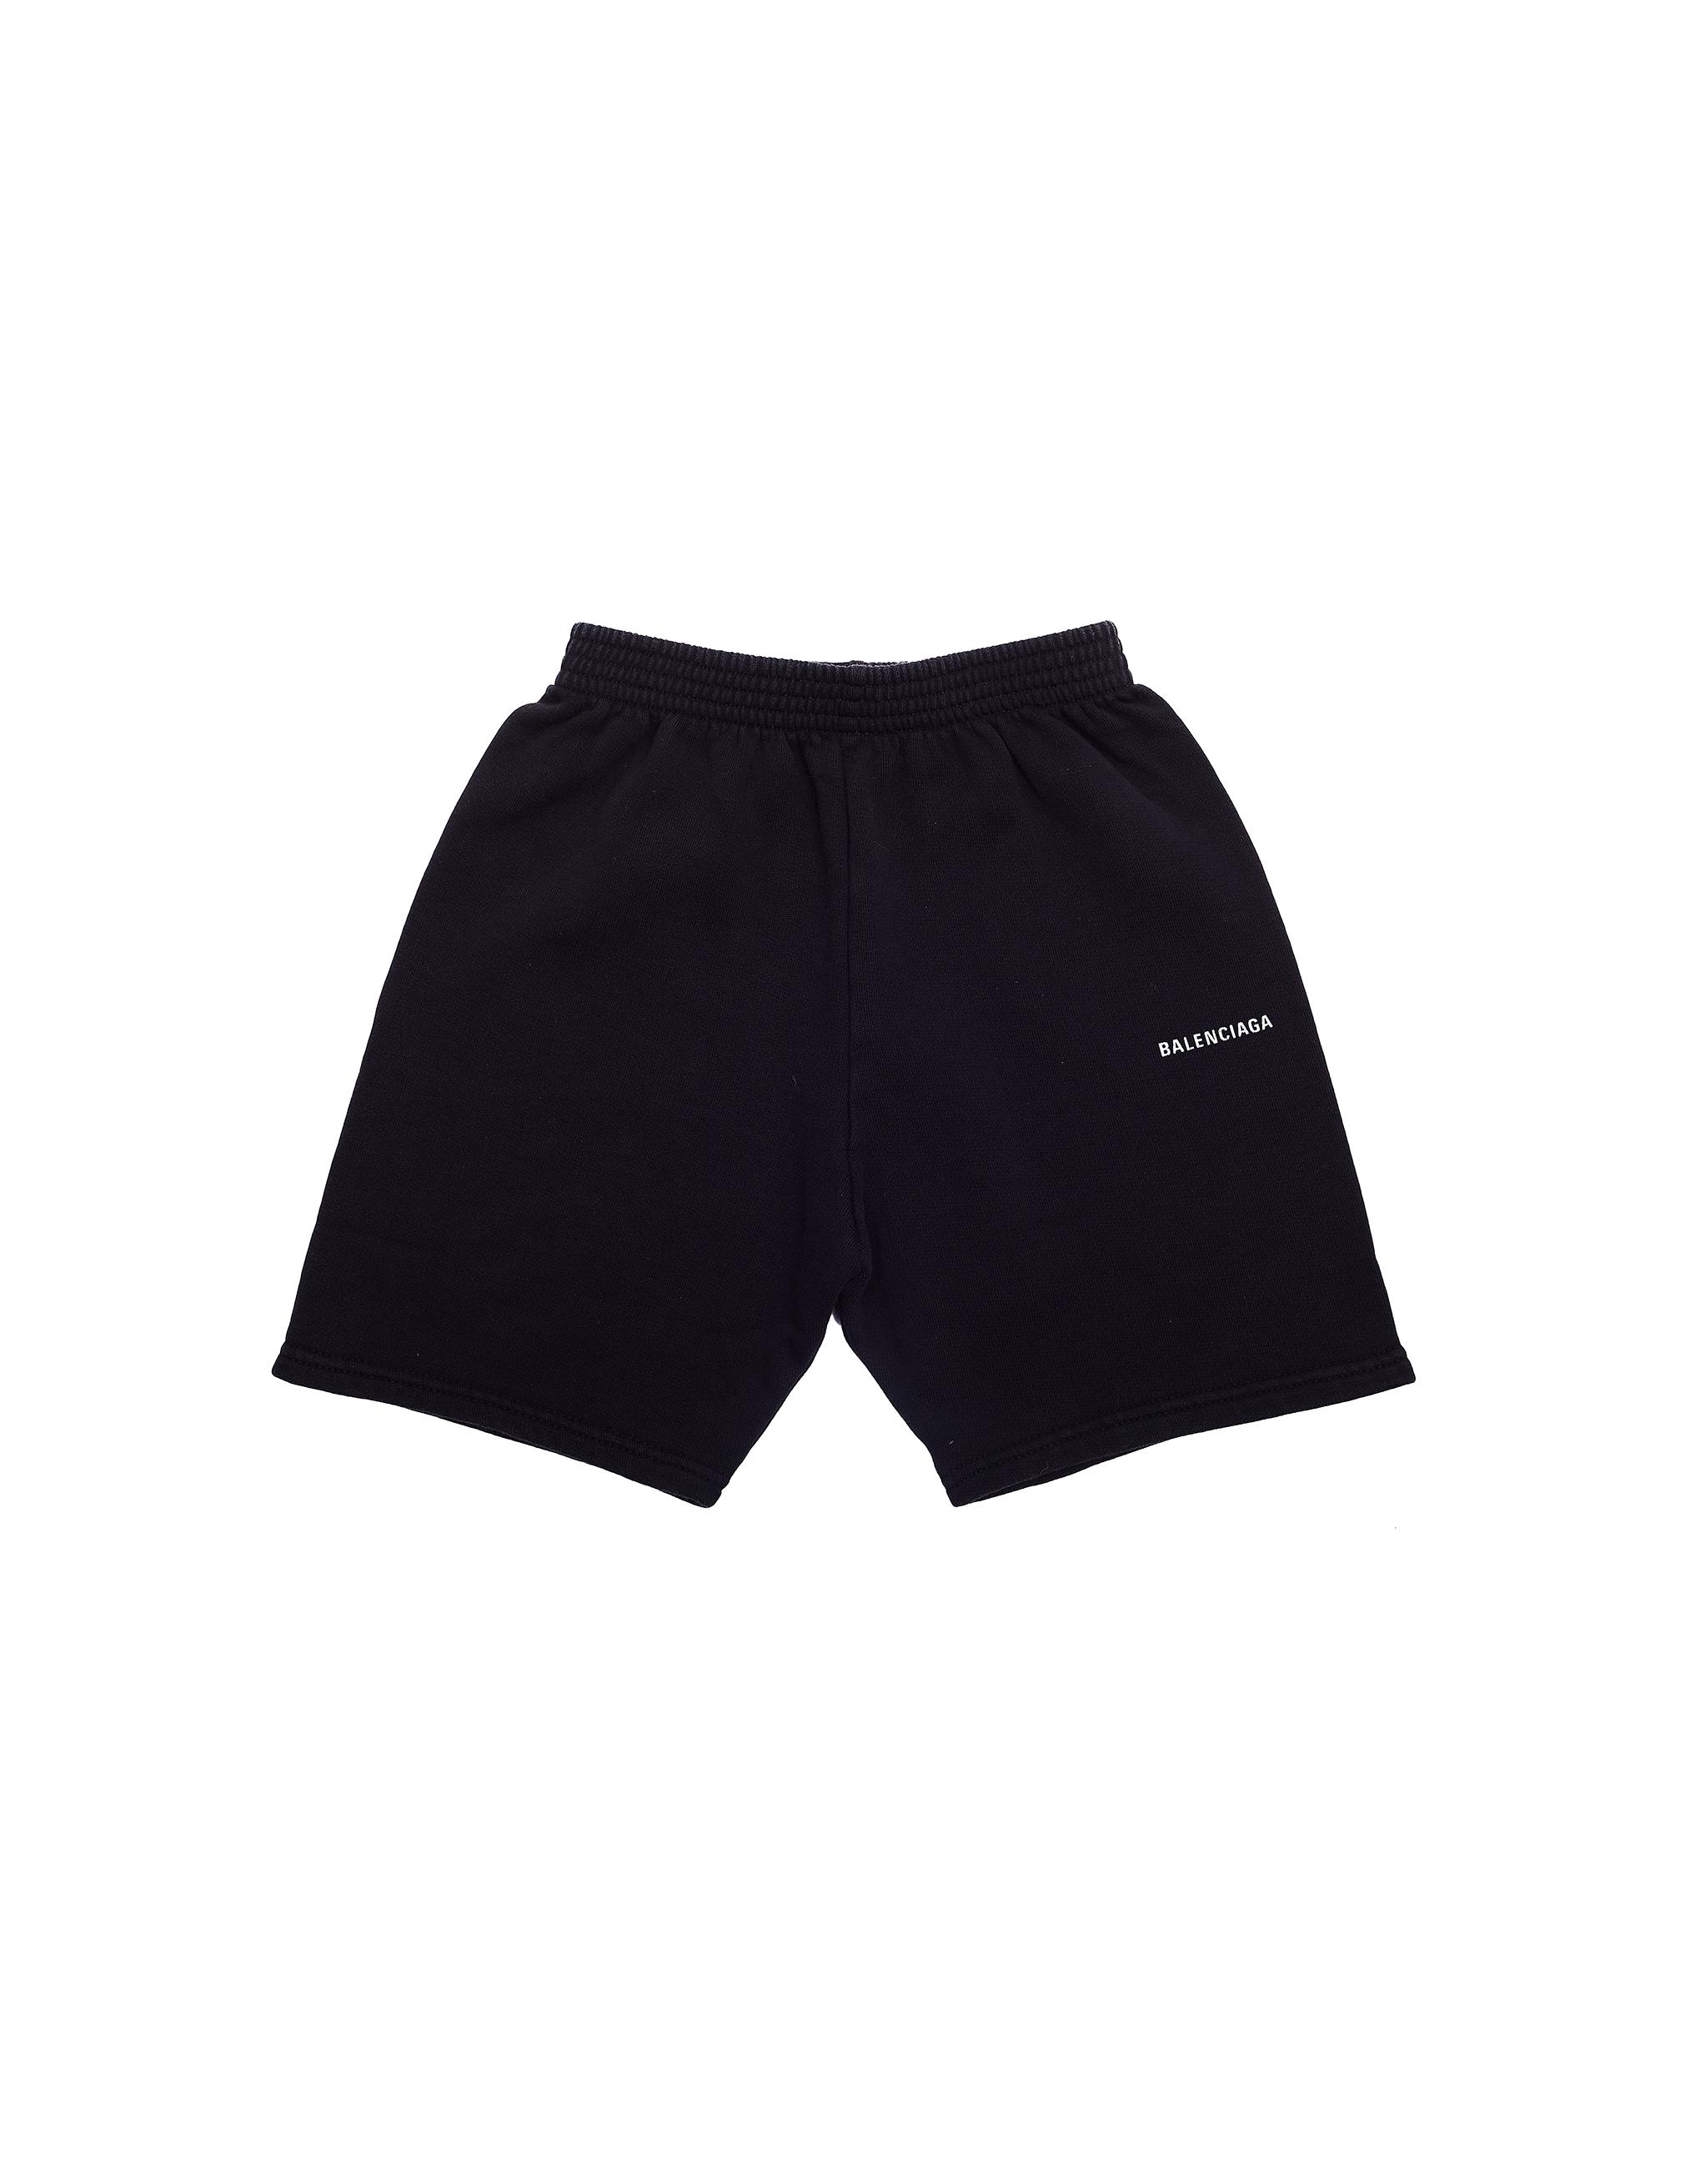 Balenciaga Kids Black Logo Cotton Shorts